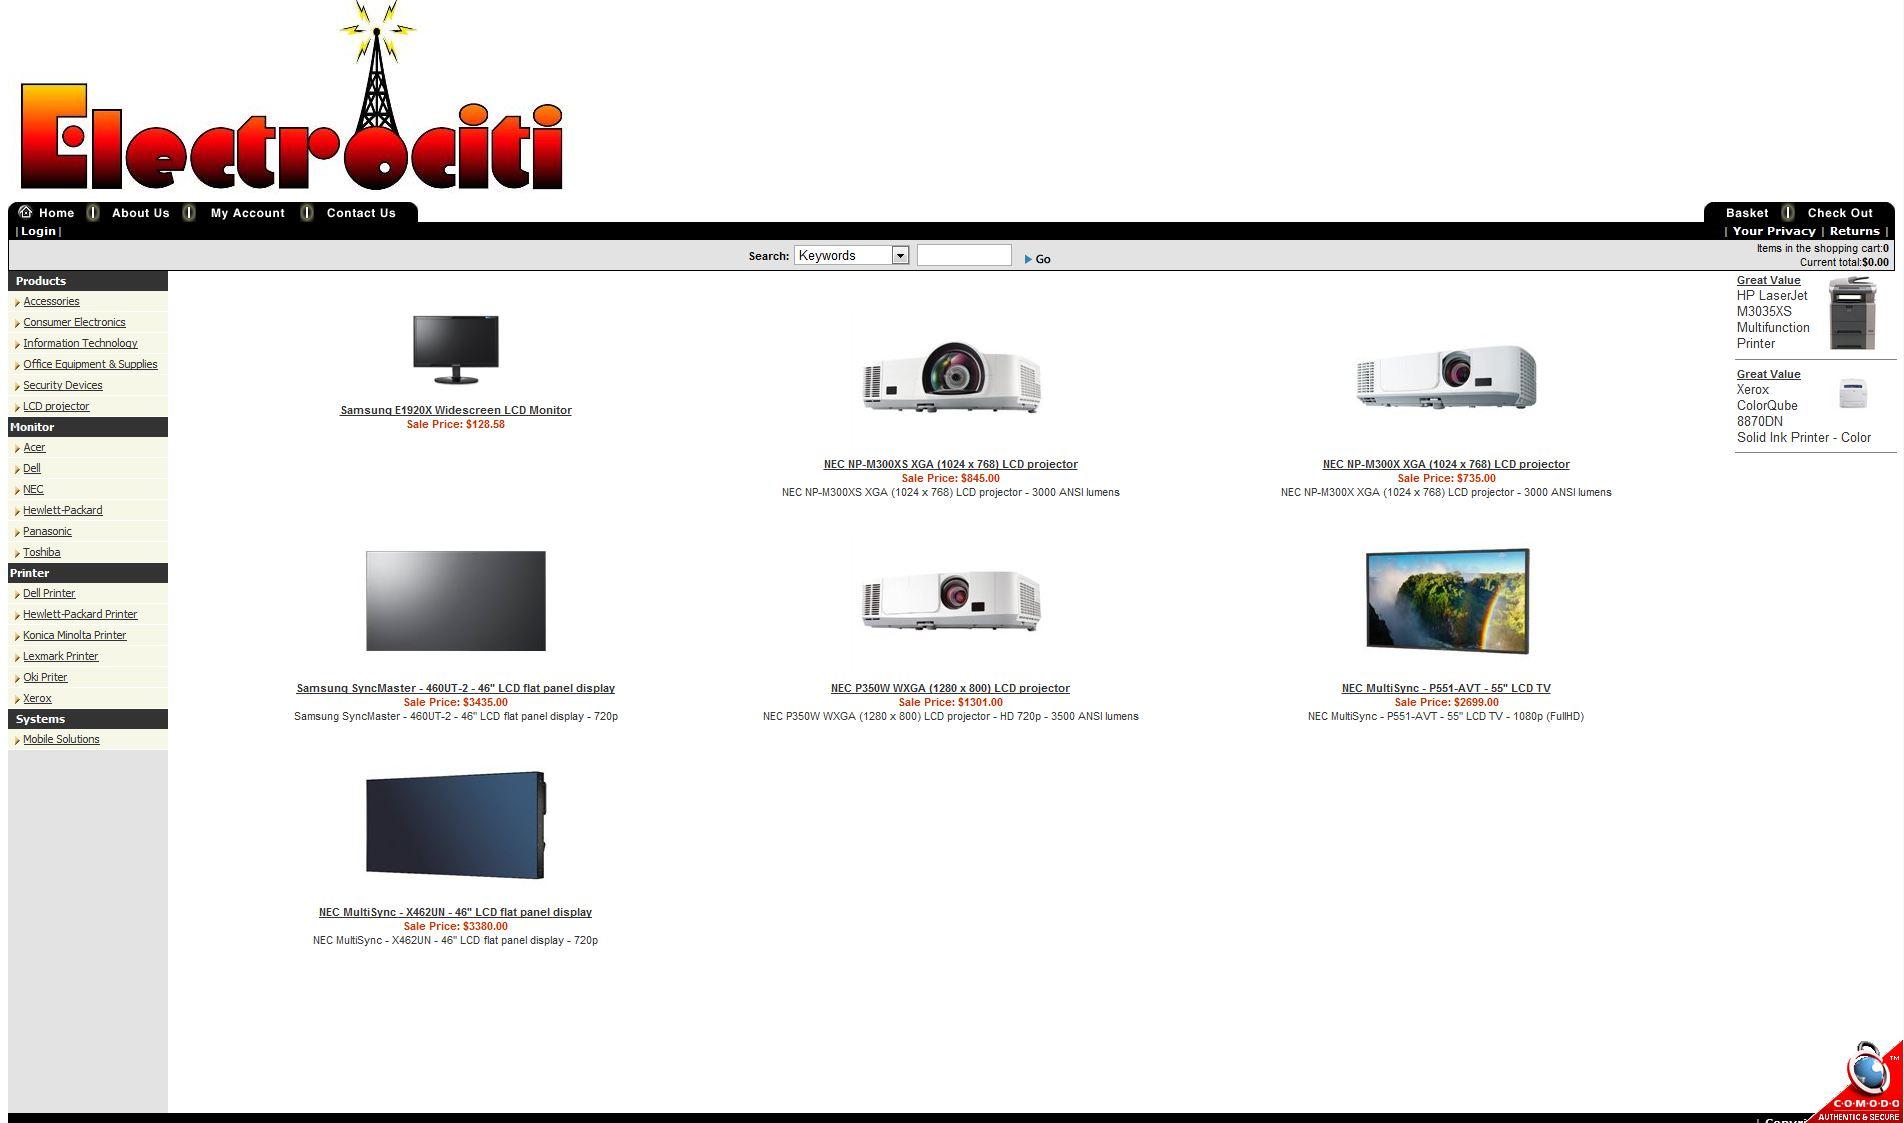 Electrociti.com